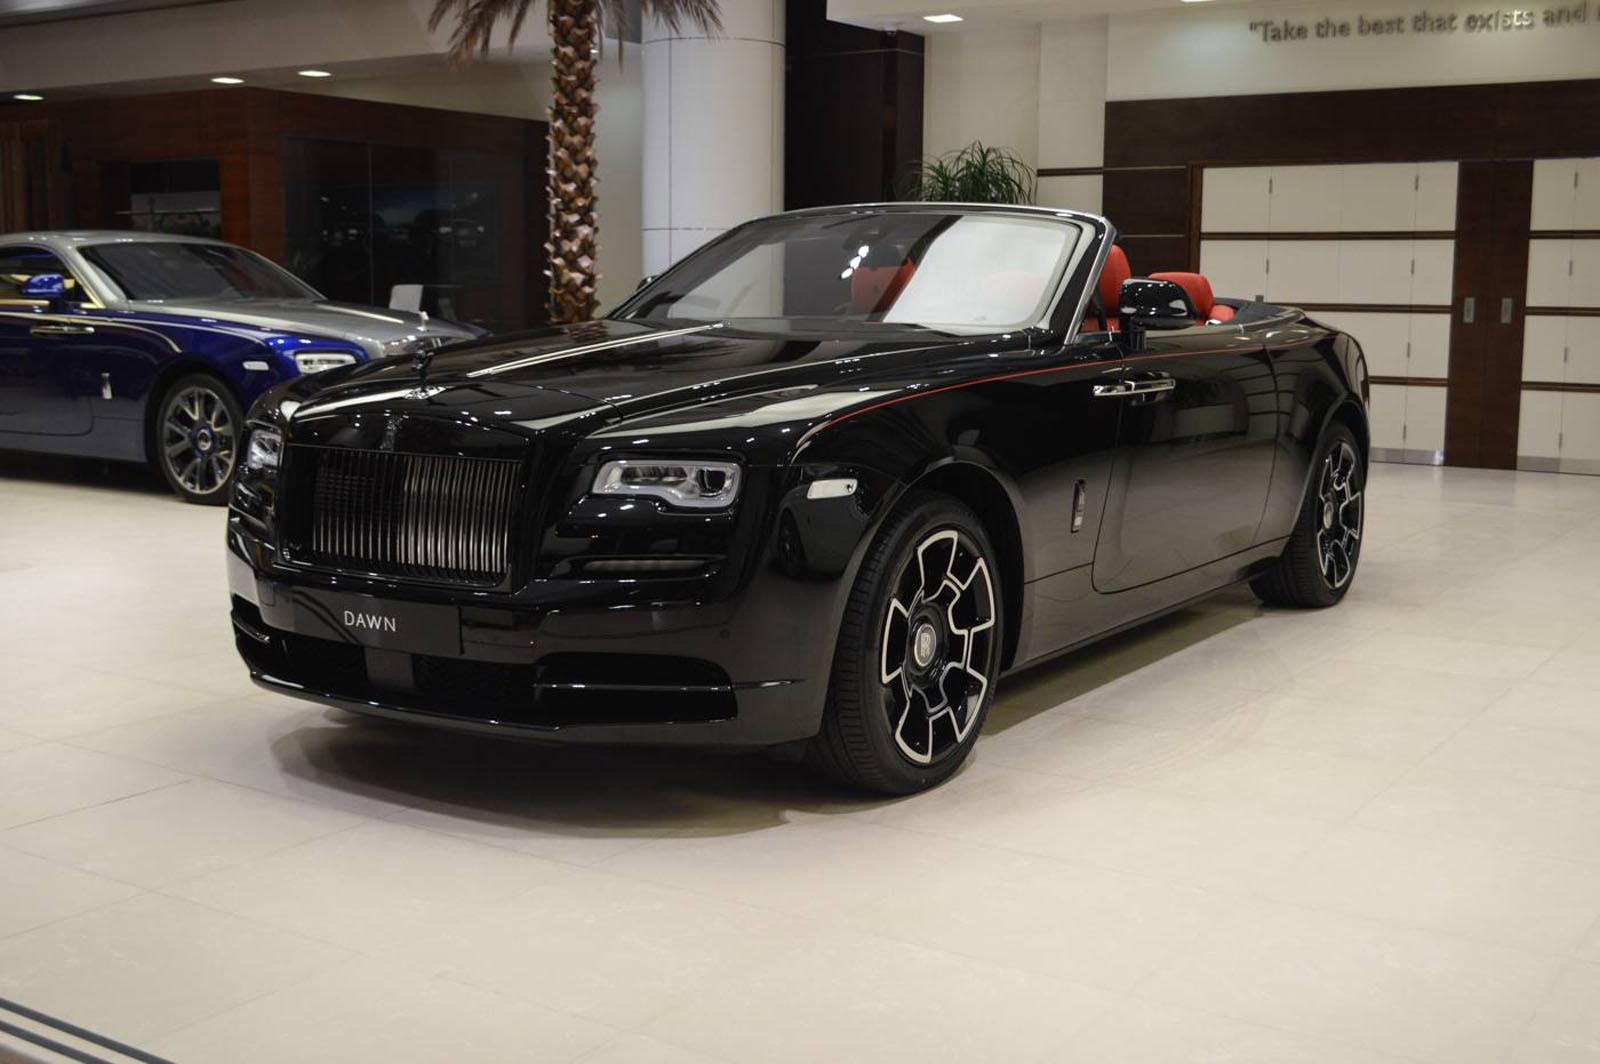 Посетители крупнейшего дилерского центра Rolls-Royce Abu Dhabi могут полюбоваться на выставленный на продажу экземпляр уникального кабриолета Rolls-Royce Dawn